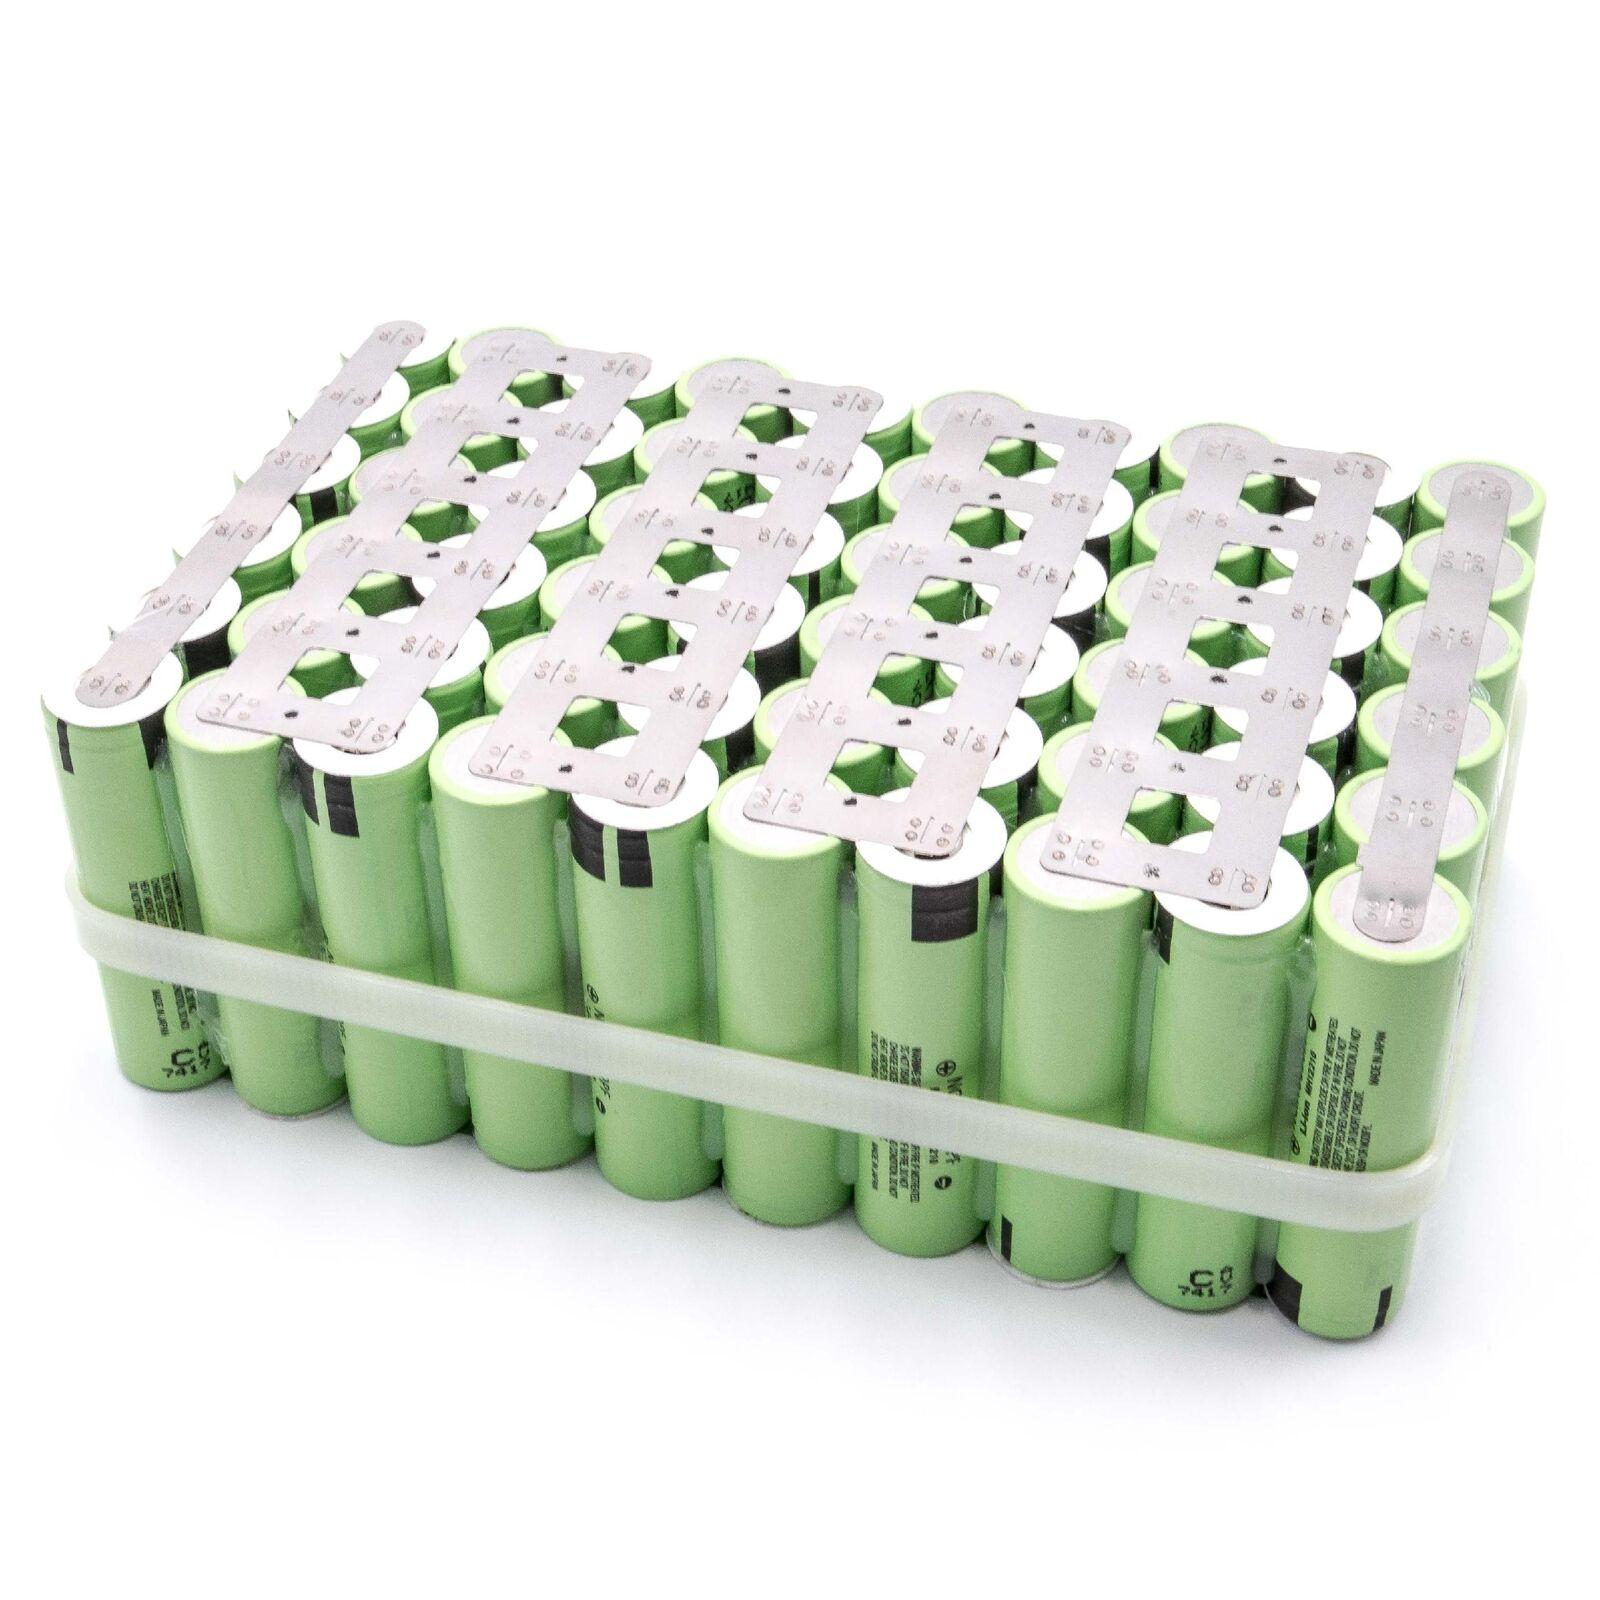 Ebike Pedelec conjuntos de baterías de repuesto 10s6p, 36v, 17400mah, 17.4ah Panasonic ncr18650pf